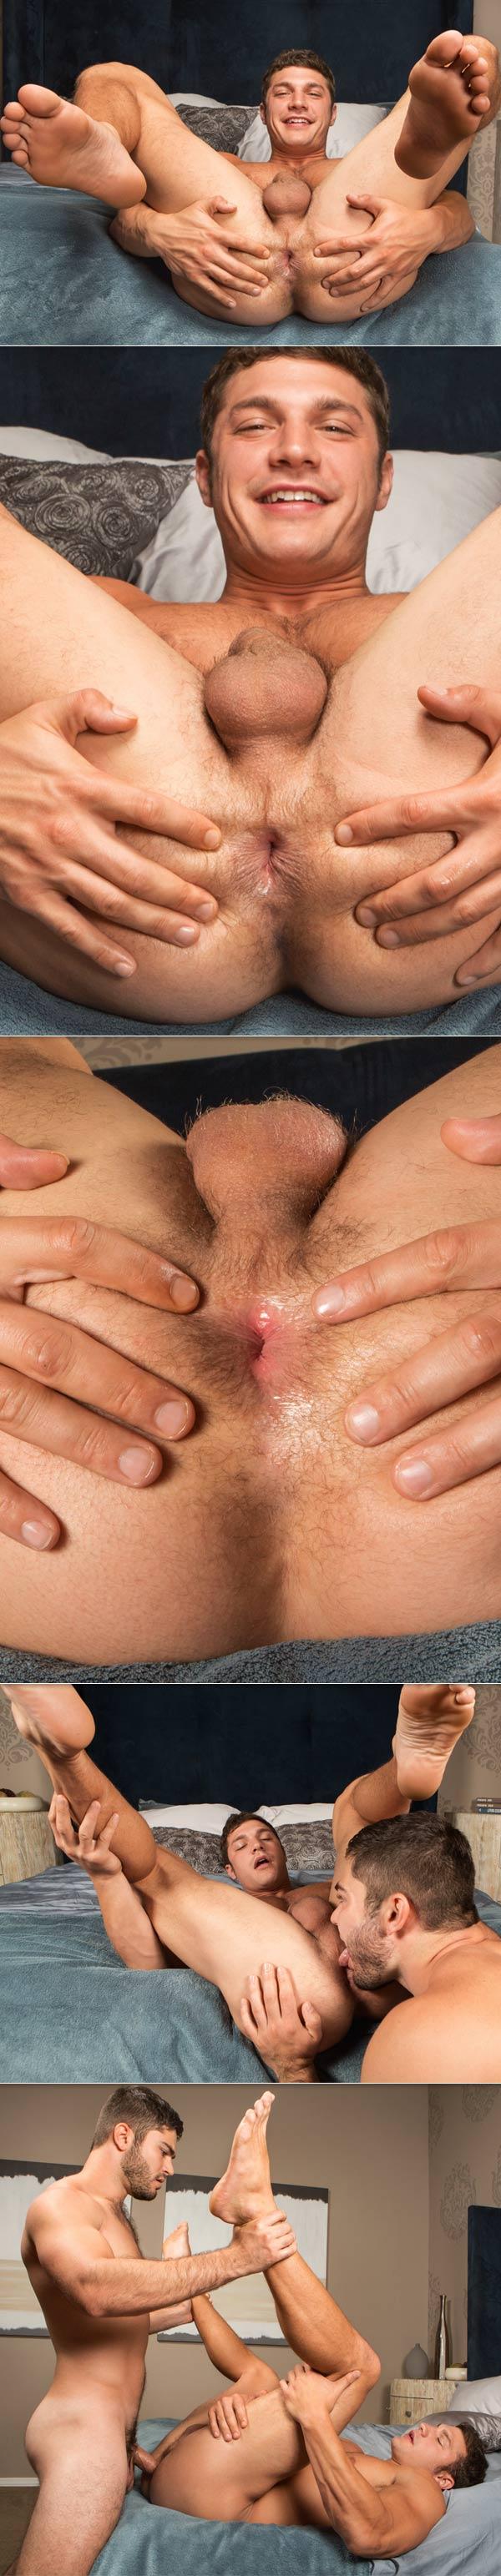 Brandon Bottoms For Tanner (Bareback Flip-Fuck) at SeanCody